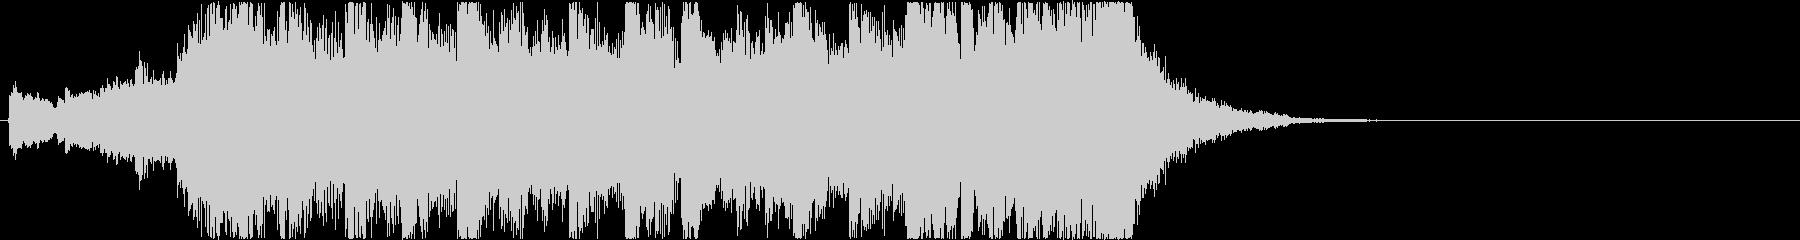 ニュースOP4 16bit44.1kHzの未再生の波形